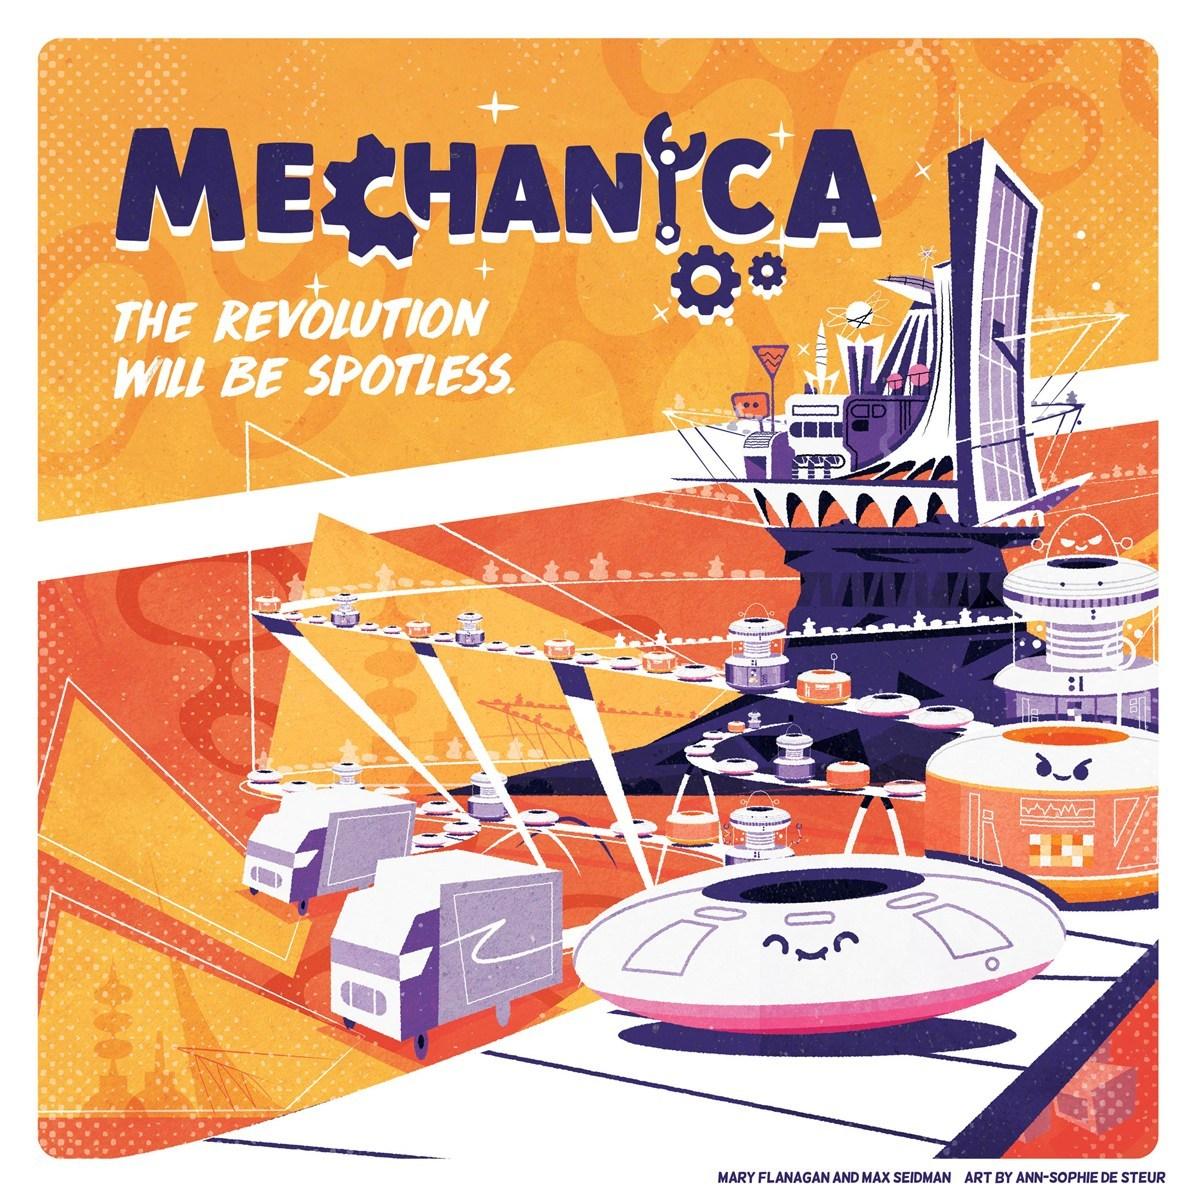 Mechanica cover